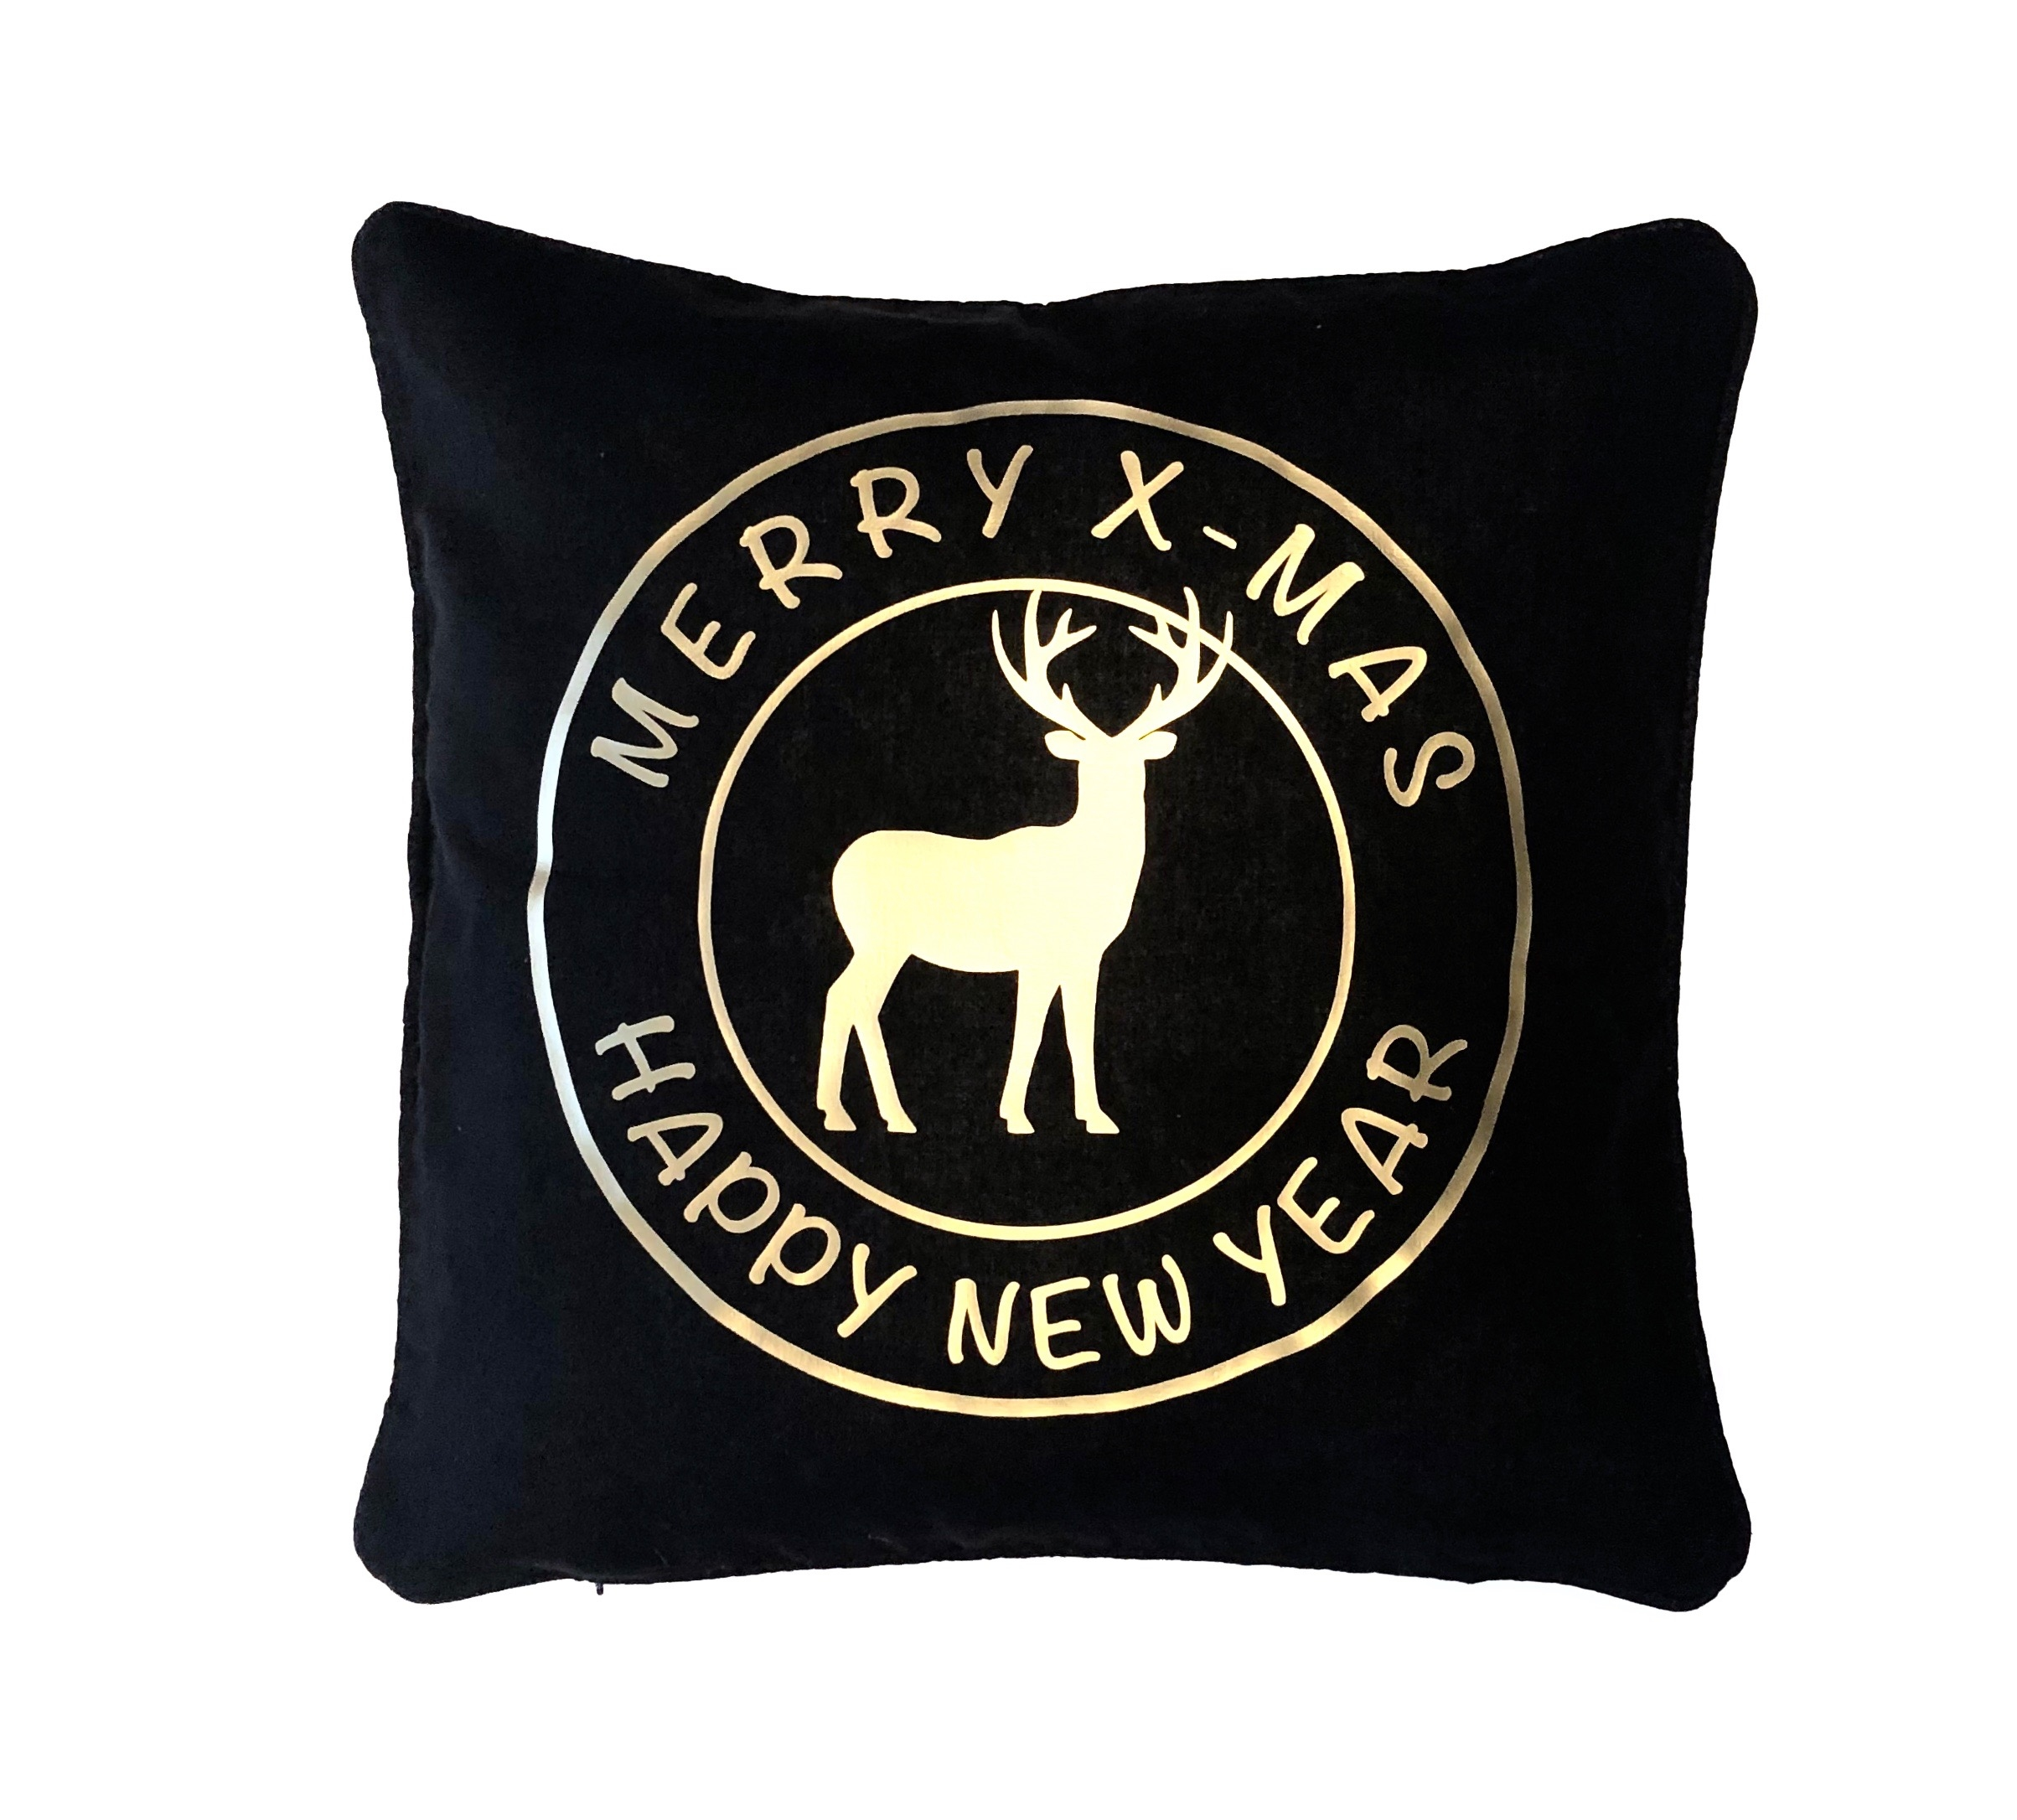 Kerstdecoratie | Kussensloop 'Merry x-mas' | zwart/goud